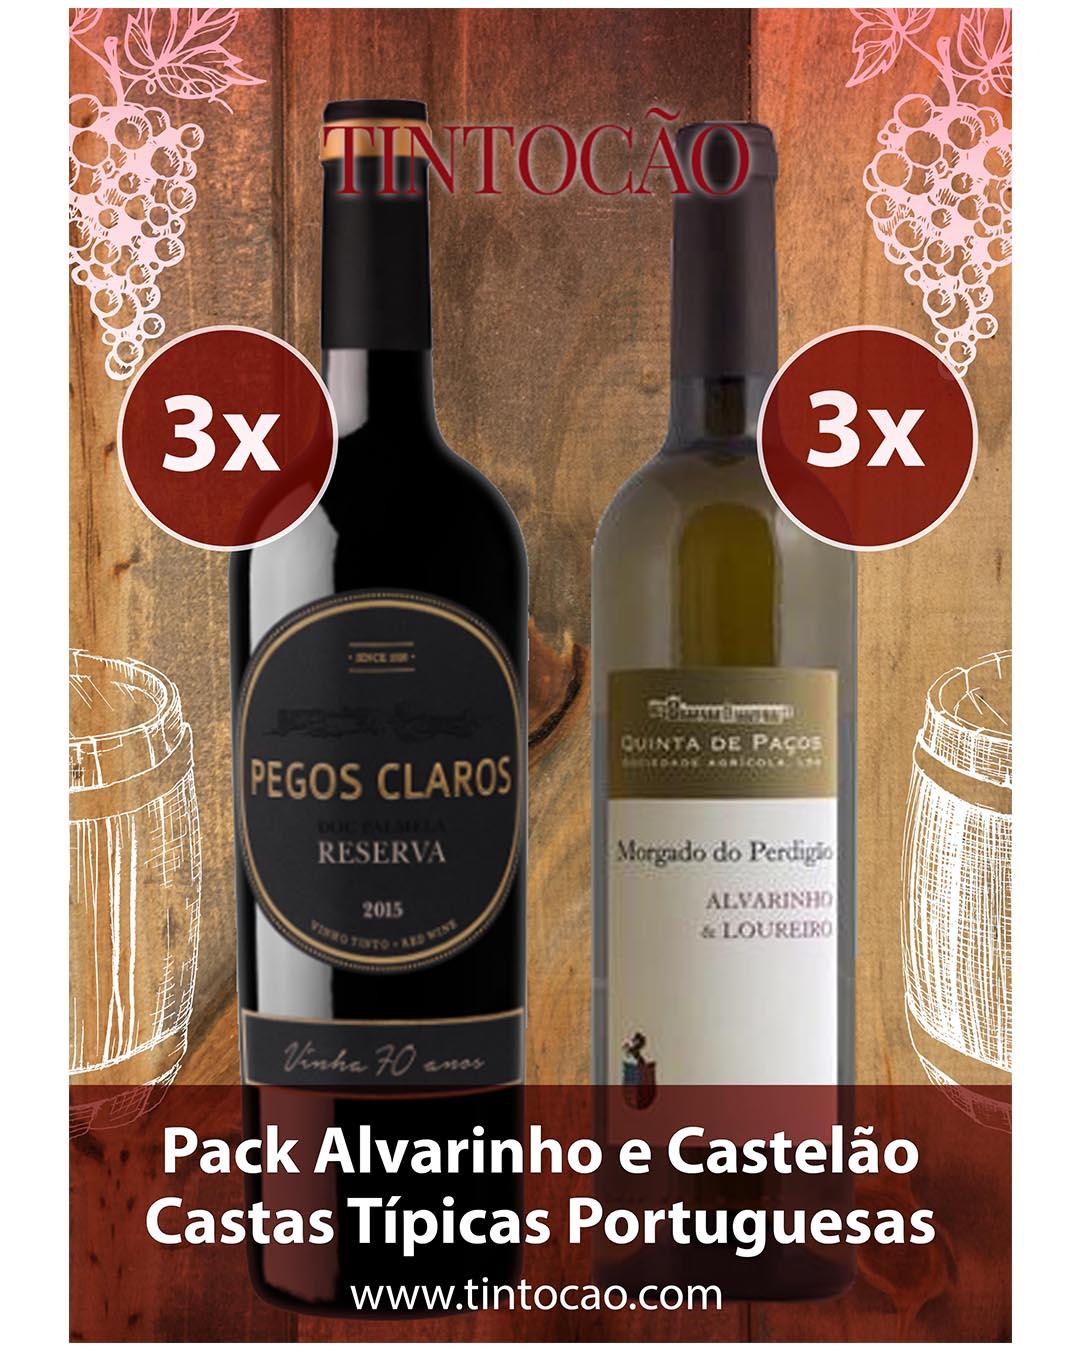 Alvarinho e Castelão Castas_portuguesas